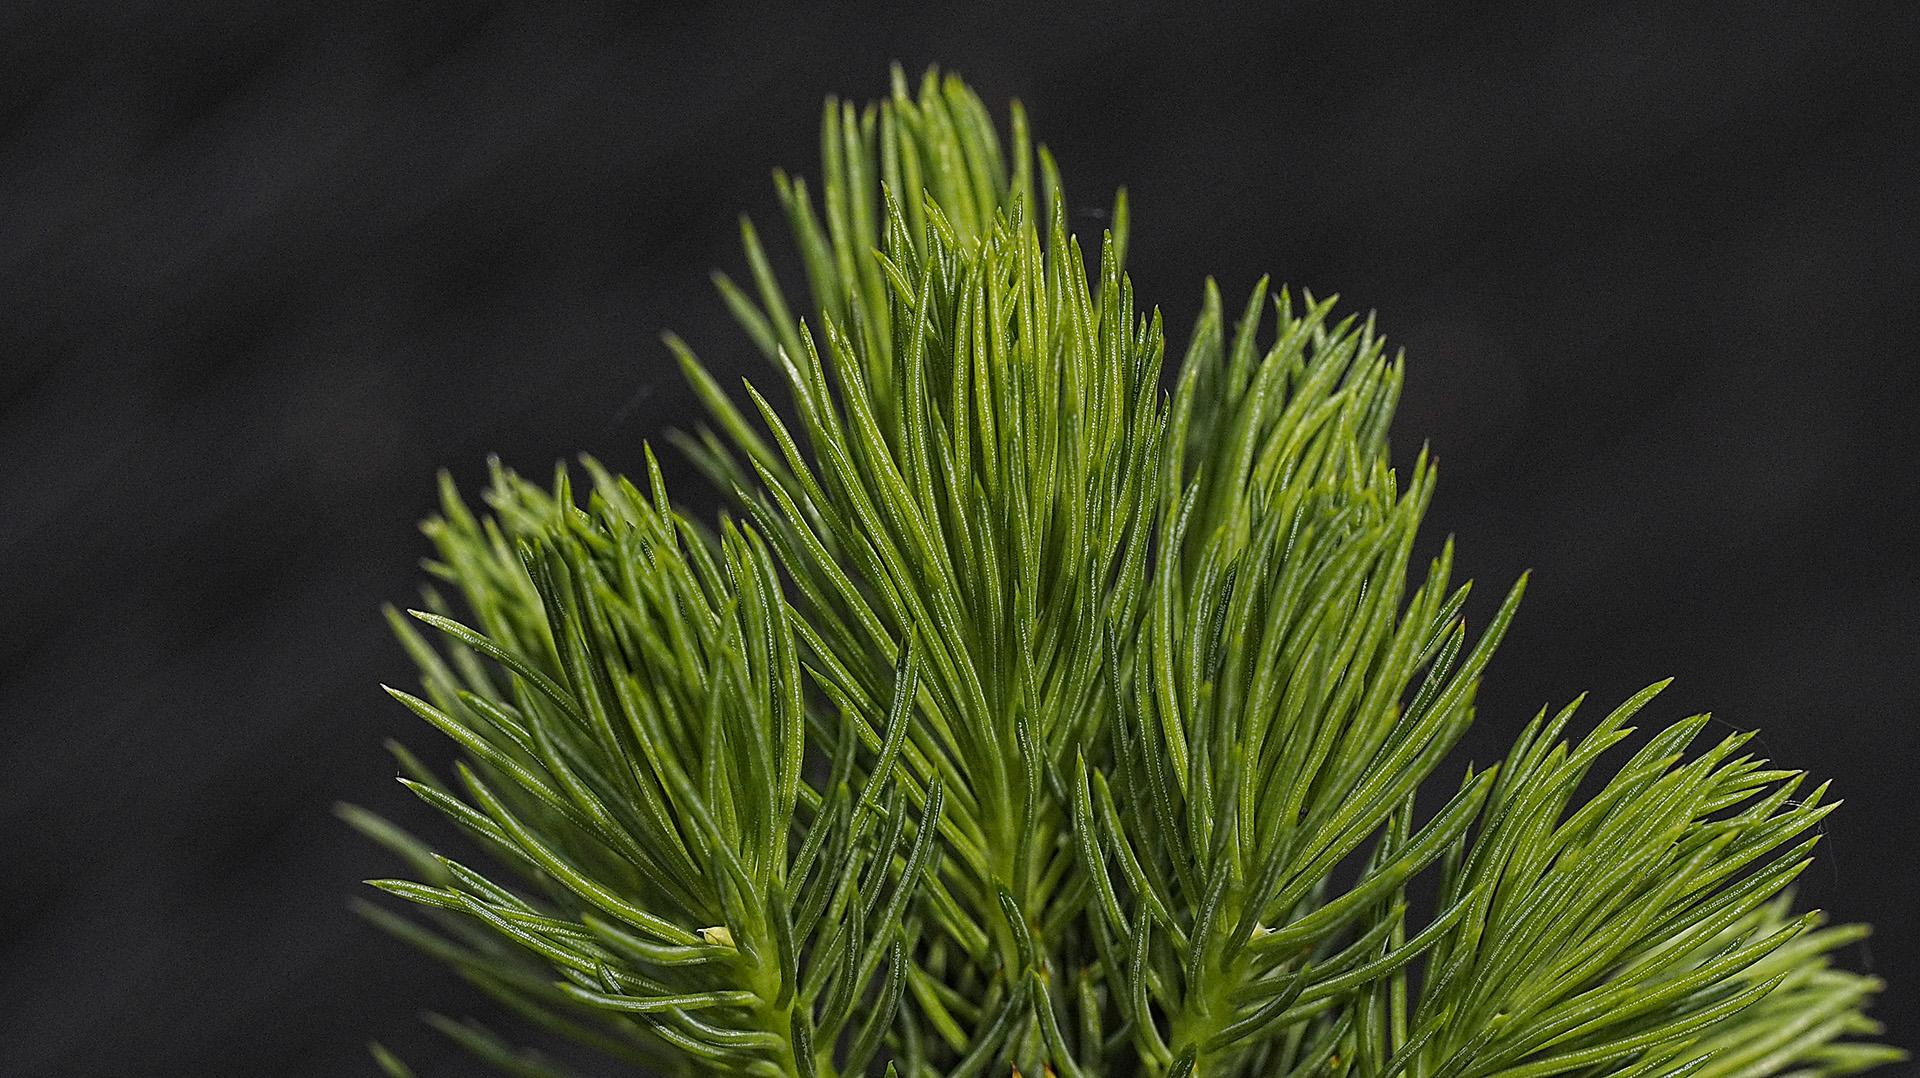 Ganz junge Fichtentriebe (Picea glauca var. albertiana 'Conica')